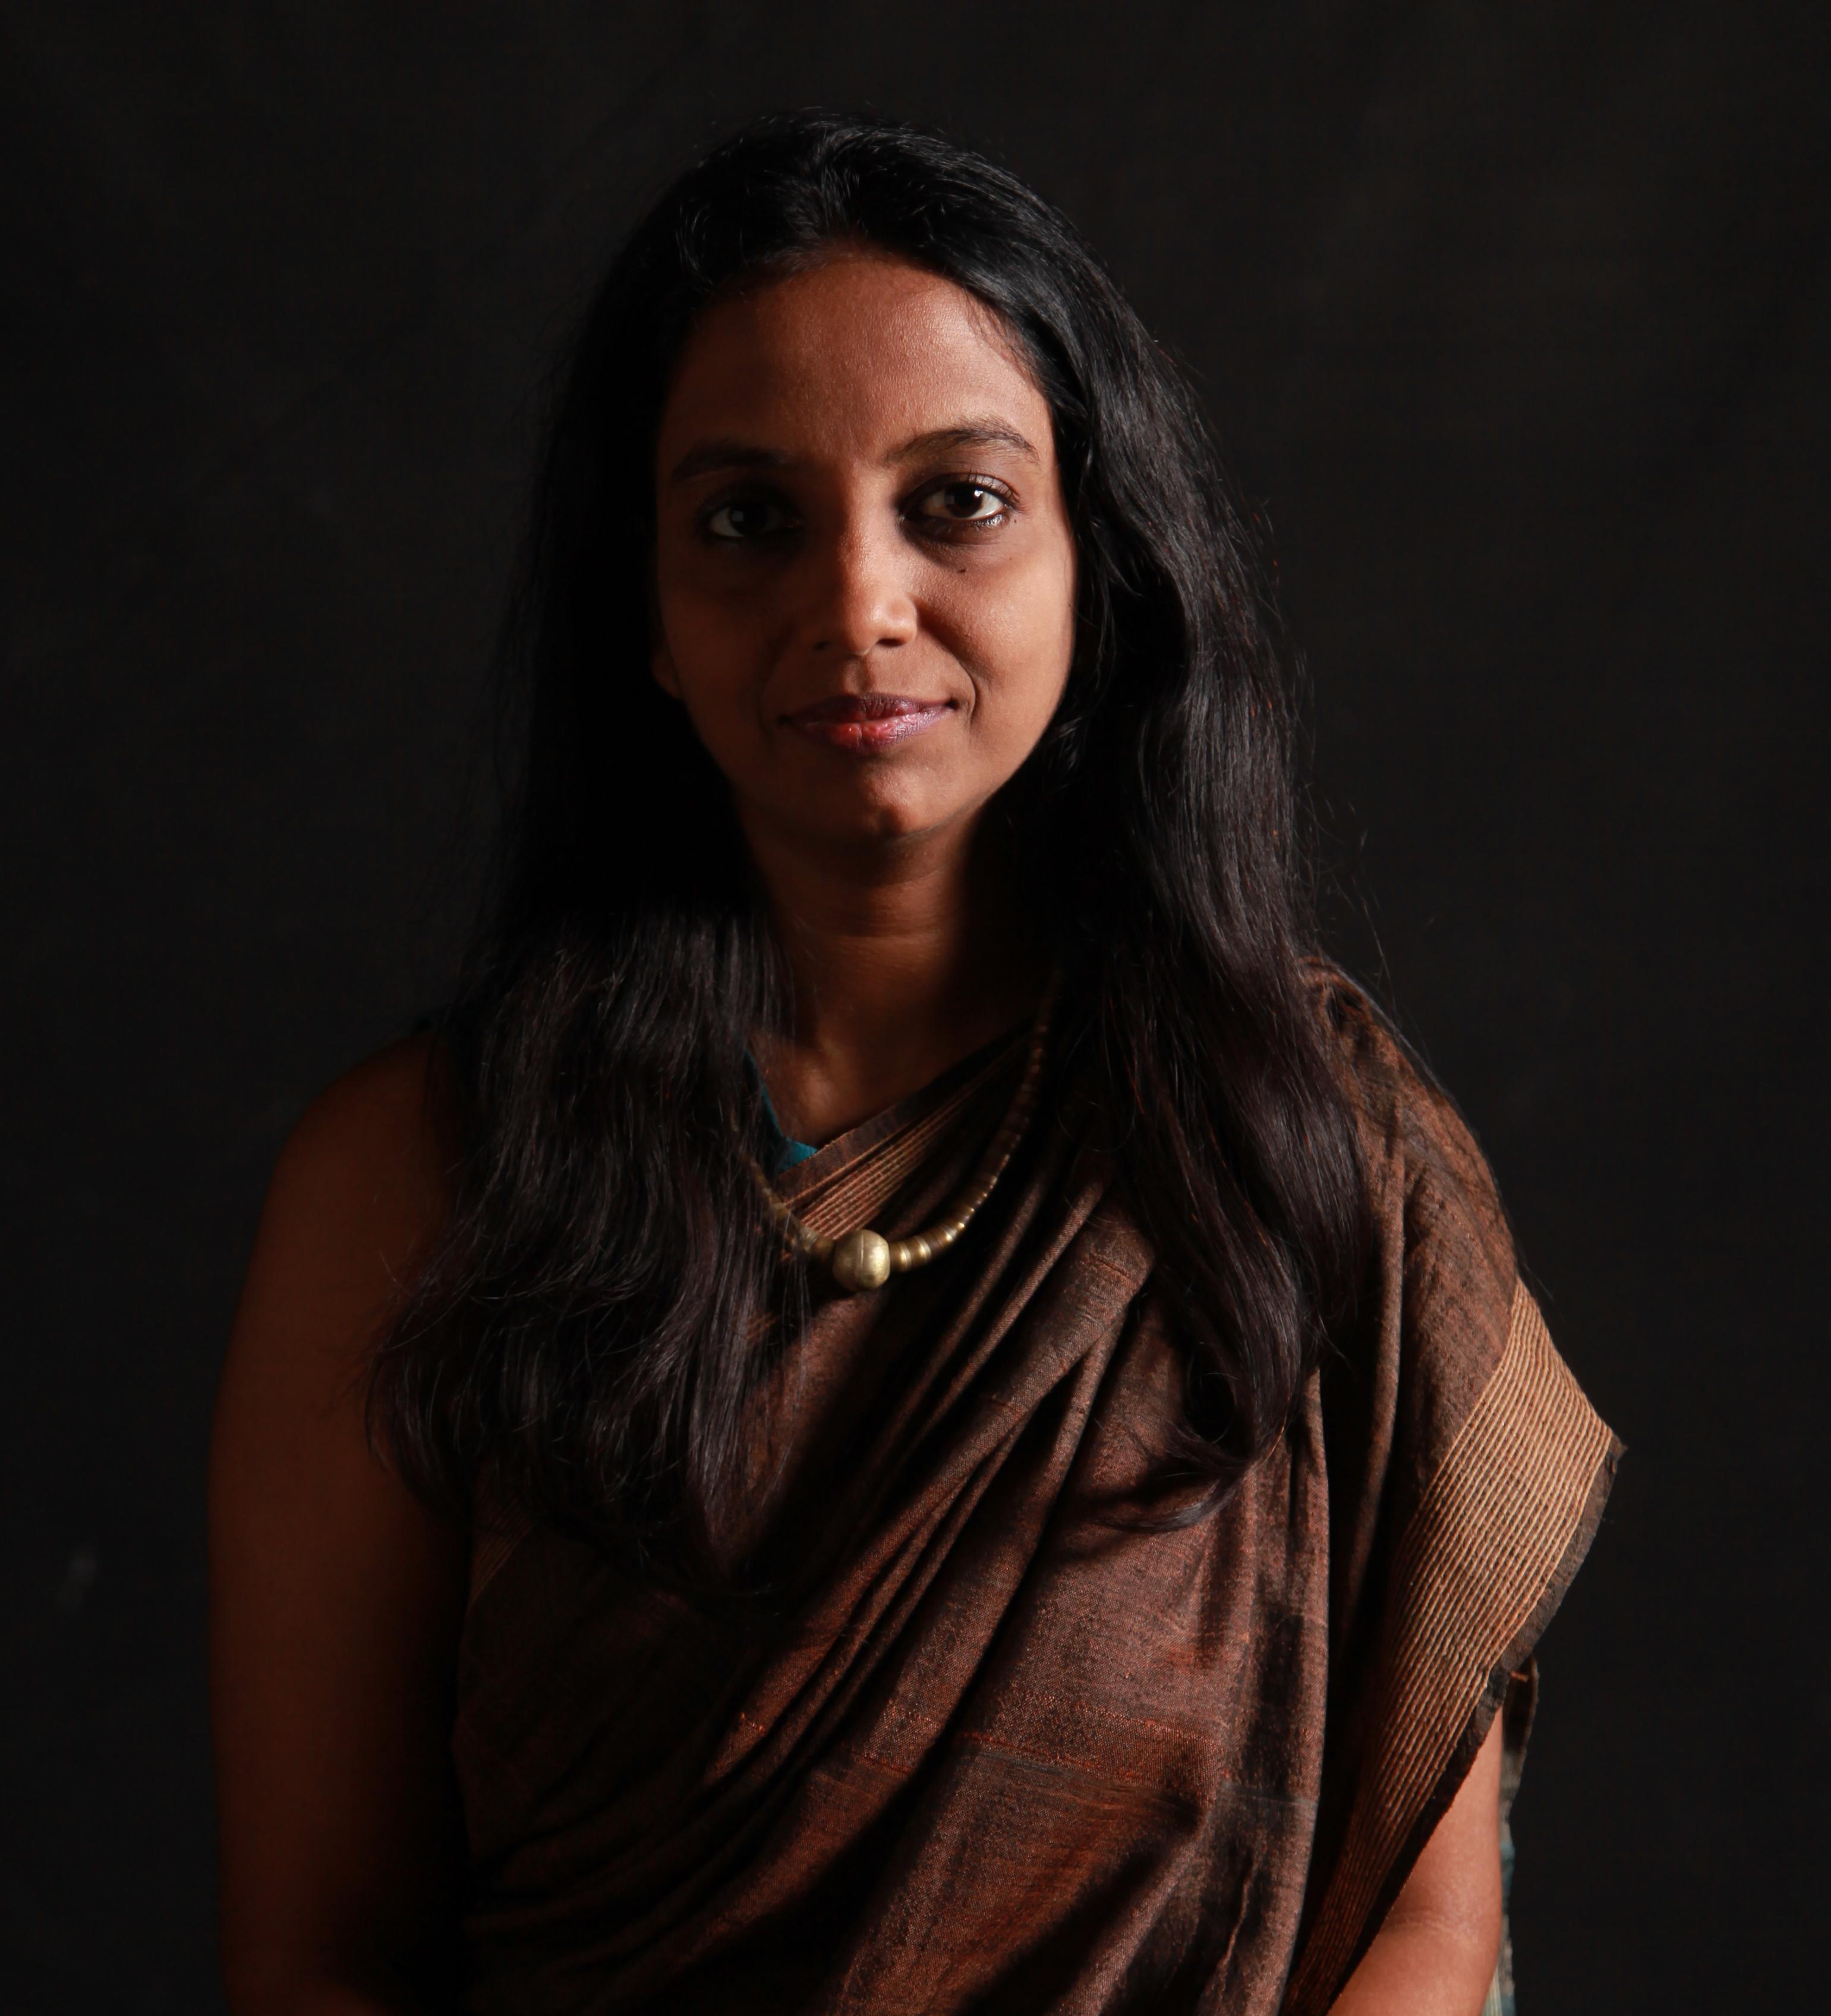 Ruwani Rathnayaka